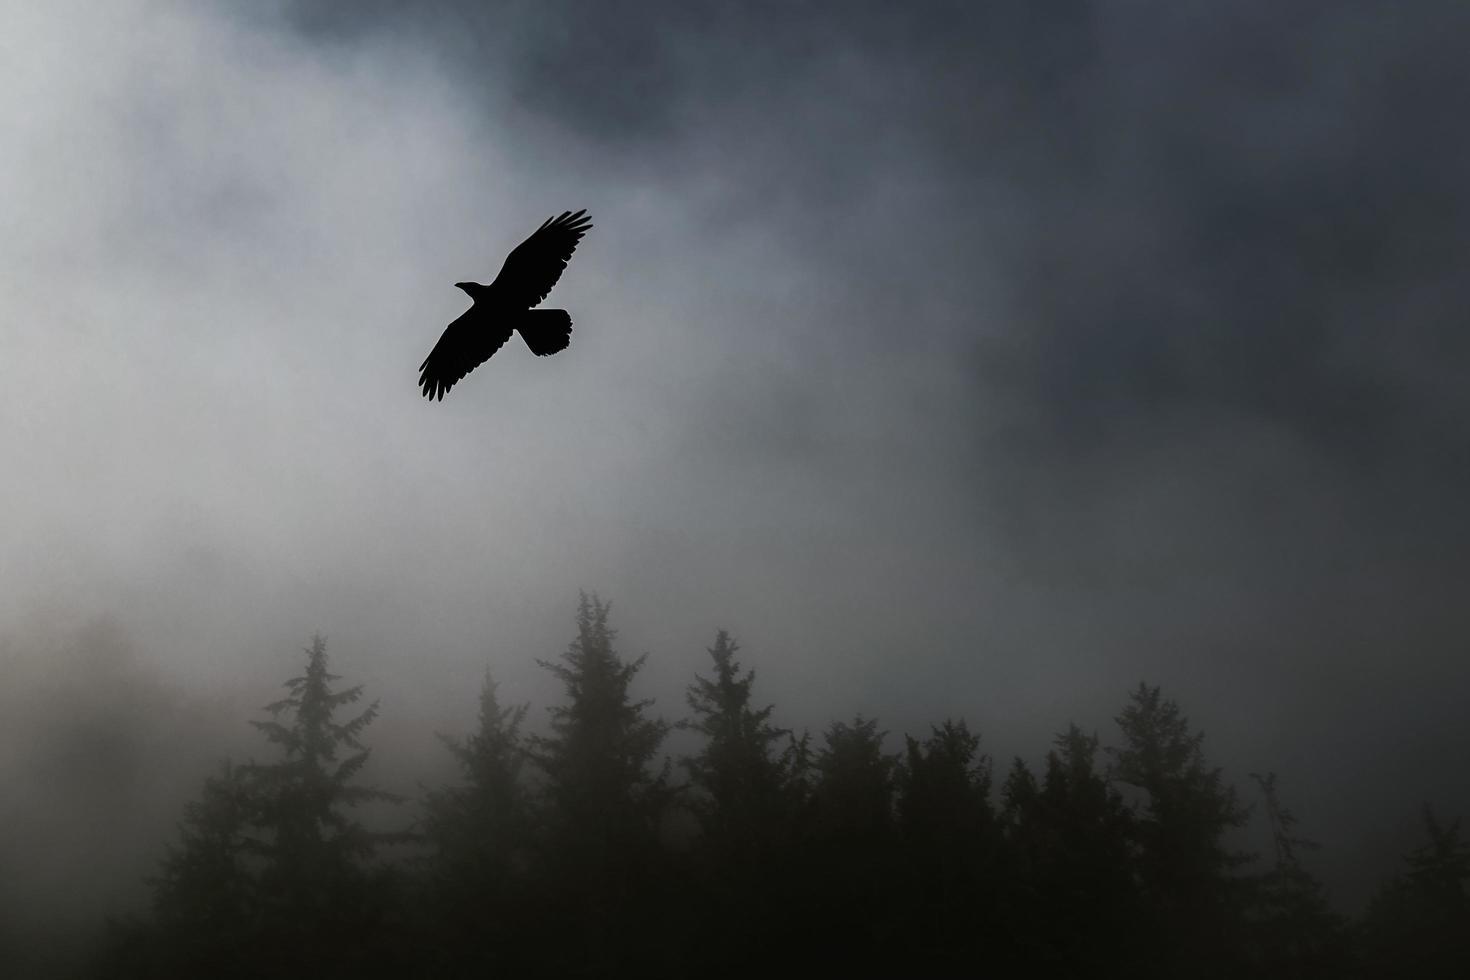 fliegende Vogel Silhouette in der Nähe von Bäumen foto